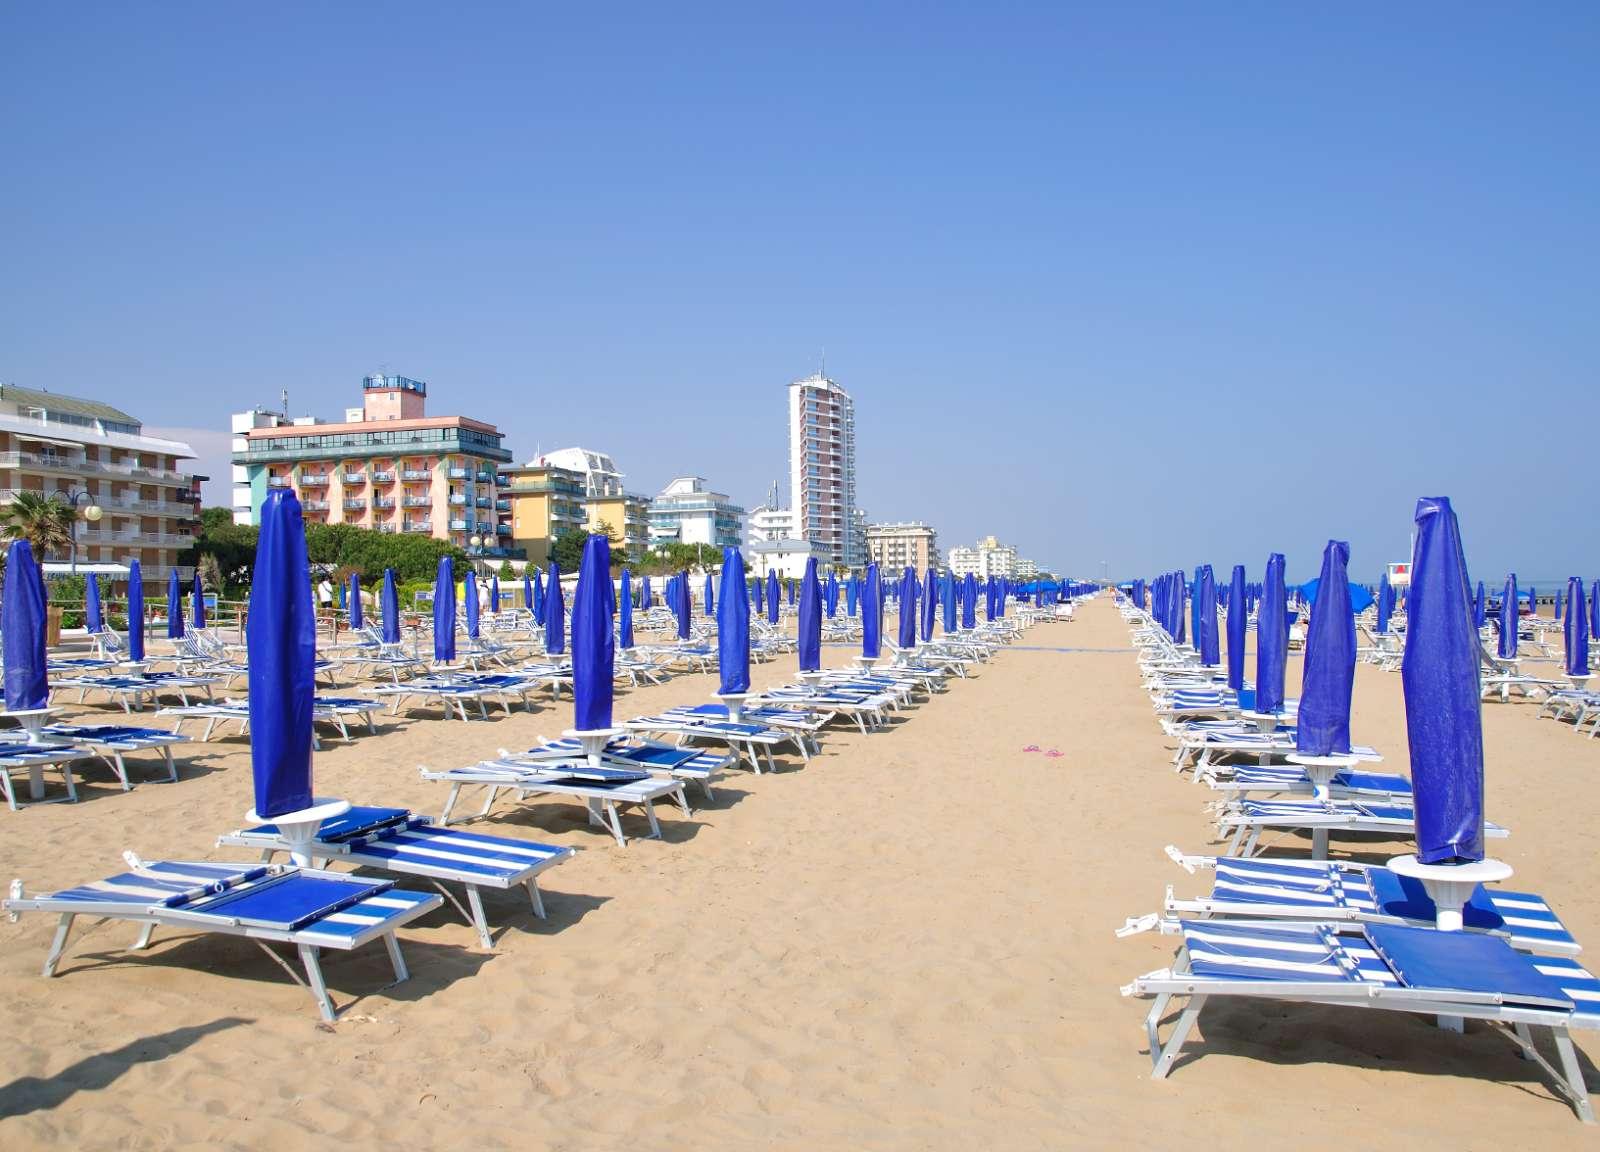 La plage de Lido di Jesolo